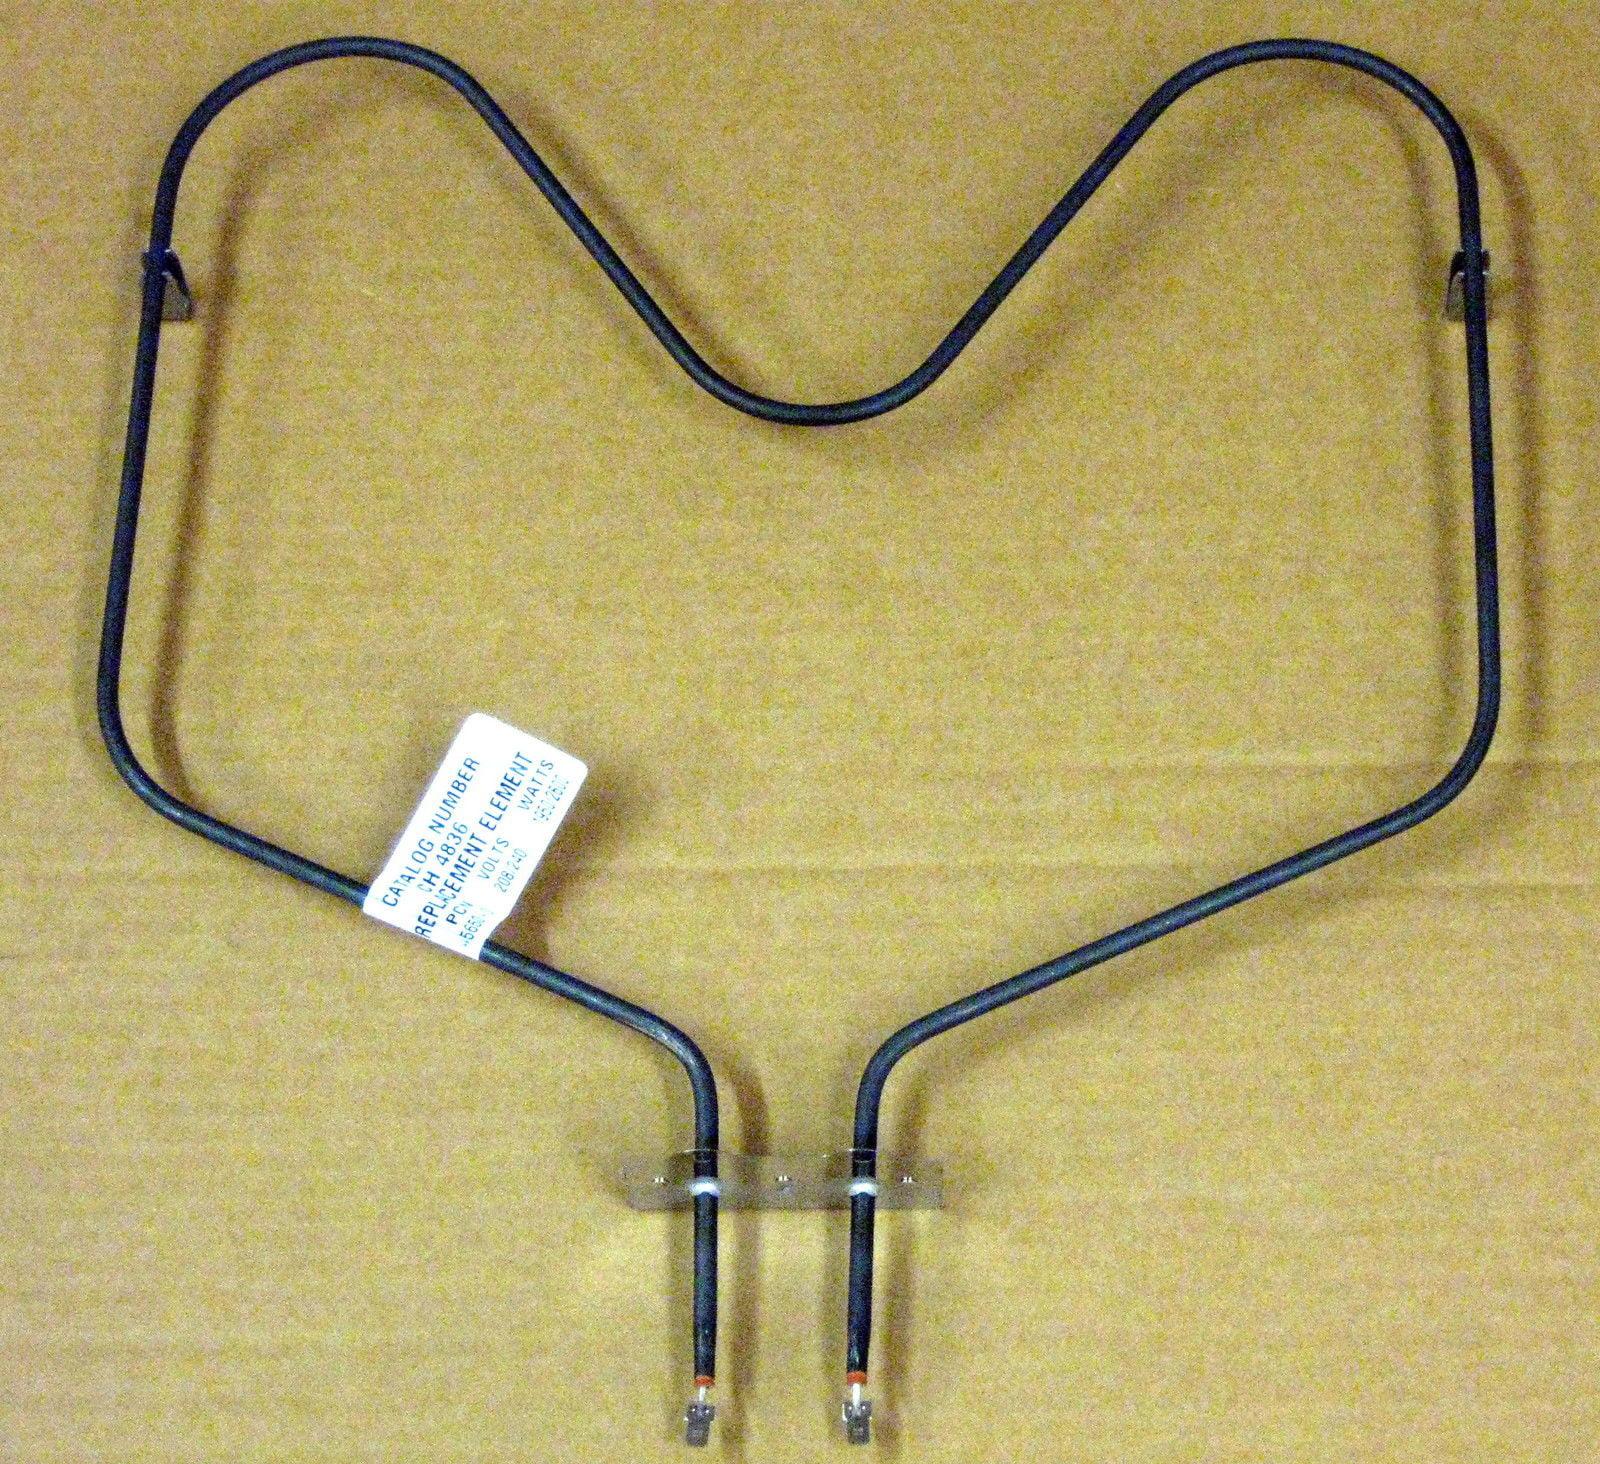 Range Oven Bake Unit Heating Element for Whirlpool Roper WP308180 AP6007578 PS11740695